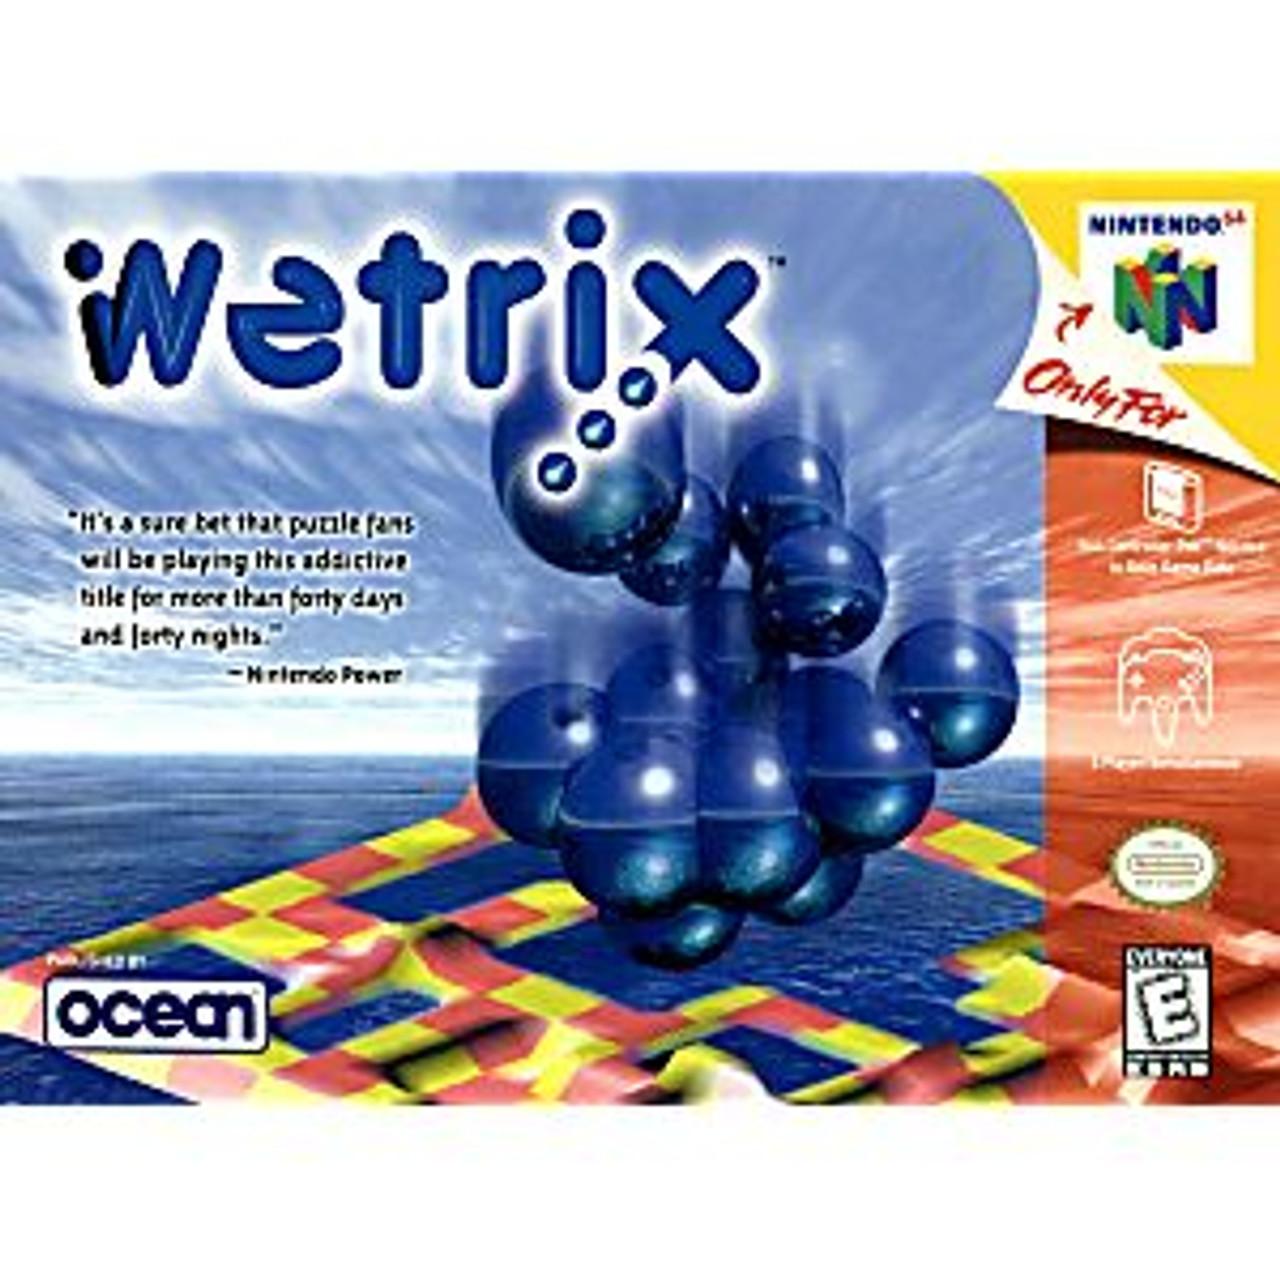 WETRIX - N64